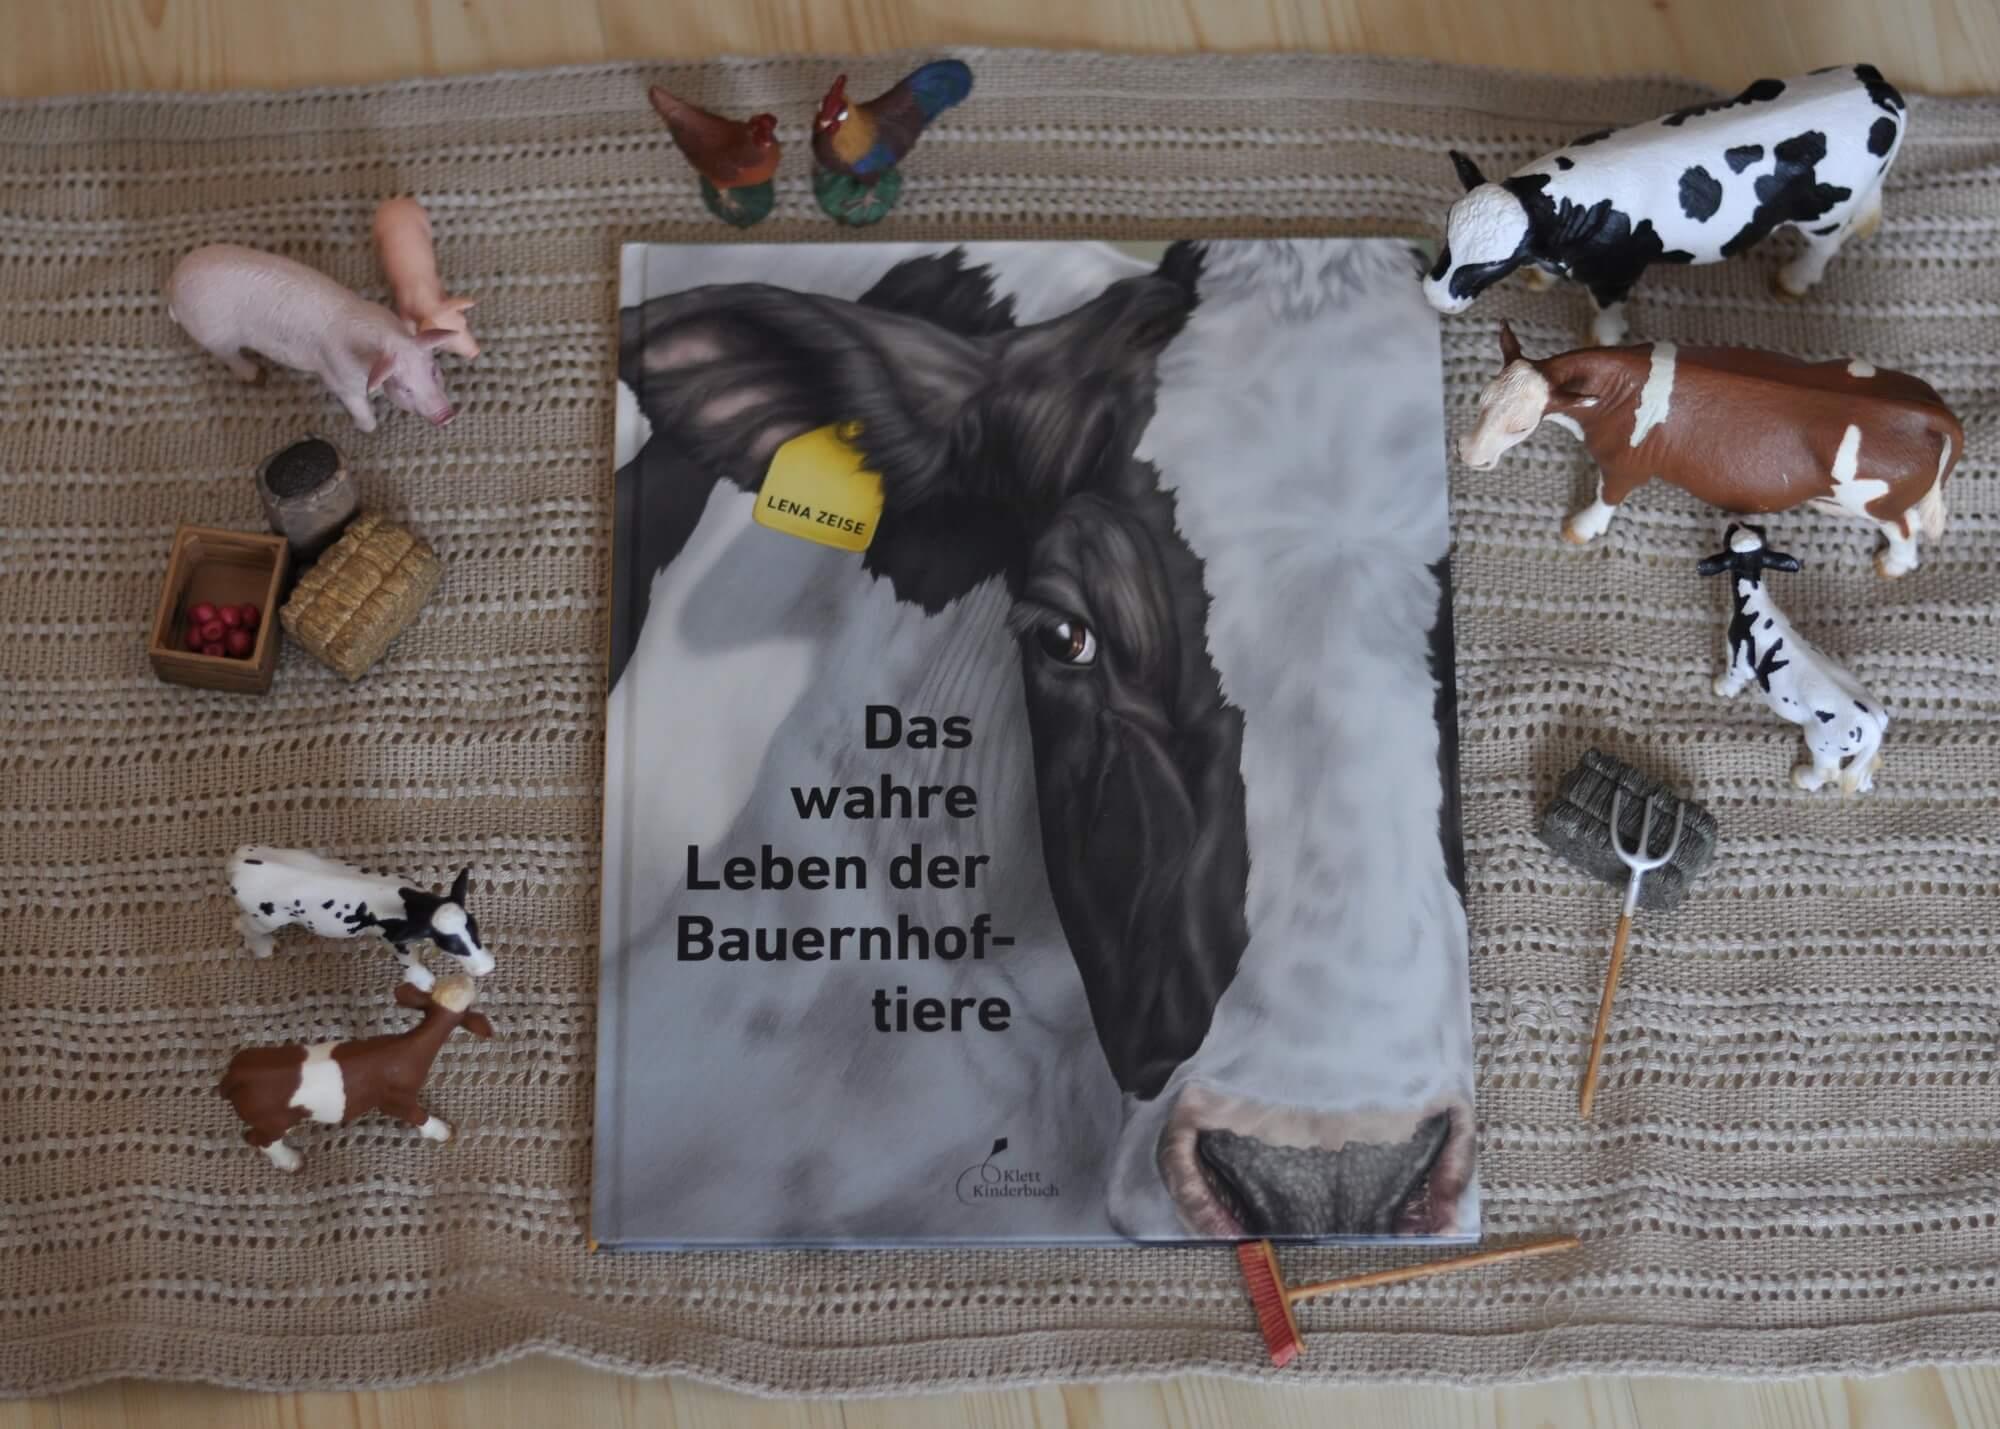 Wie sieht da Leben der klassischen Bauernhoftiere in der heutigen Zeit aus? In meisterhaft fotorealistischer Maltechnik stellt Lena Zeise uns hier die wichtigsten Hoftiere vor: aber nicht als lachende Schweinchen auf der grünen Wiese, sondern so, wie sie heute wirklich leben. #bauernhof #tiere #sachbuch #bilderbuch #tierhaltung #essen #fleisch #ernährung